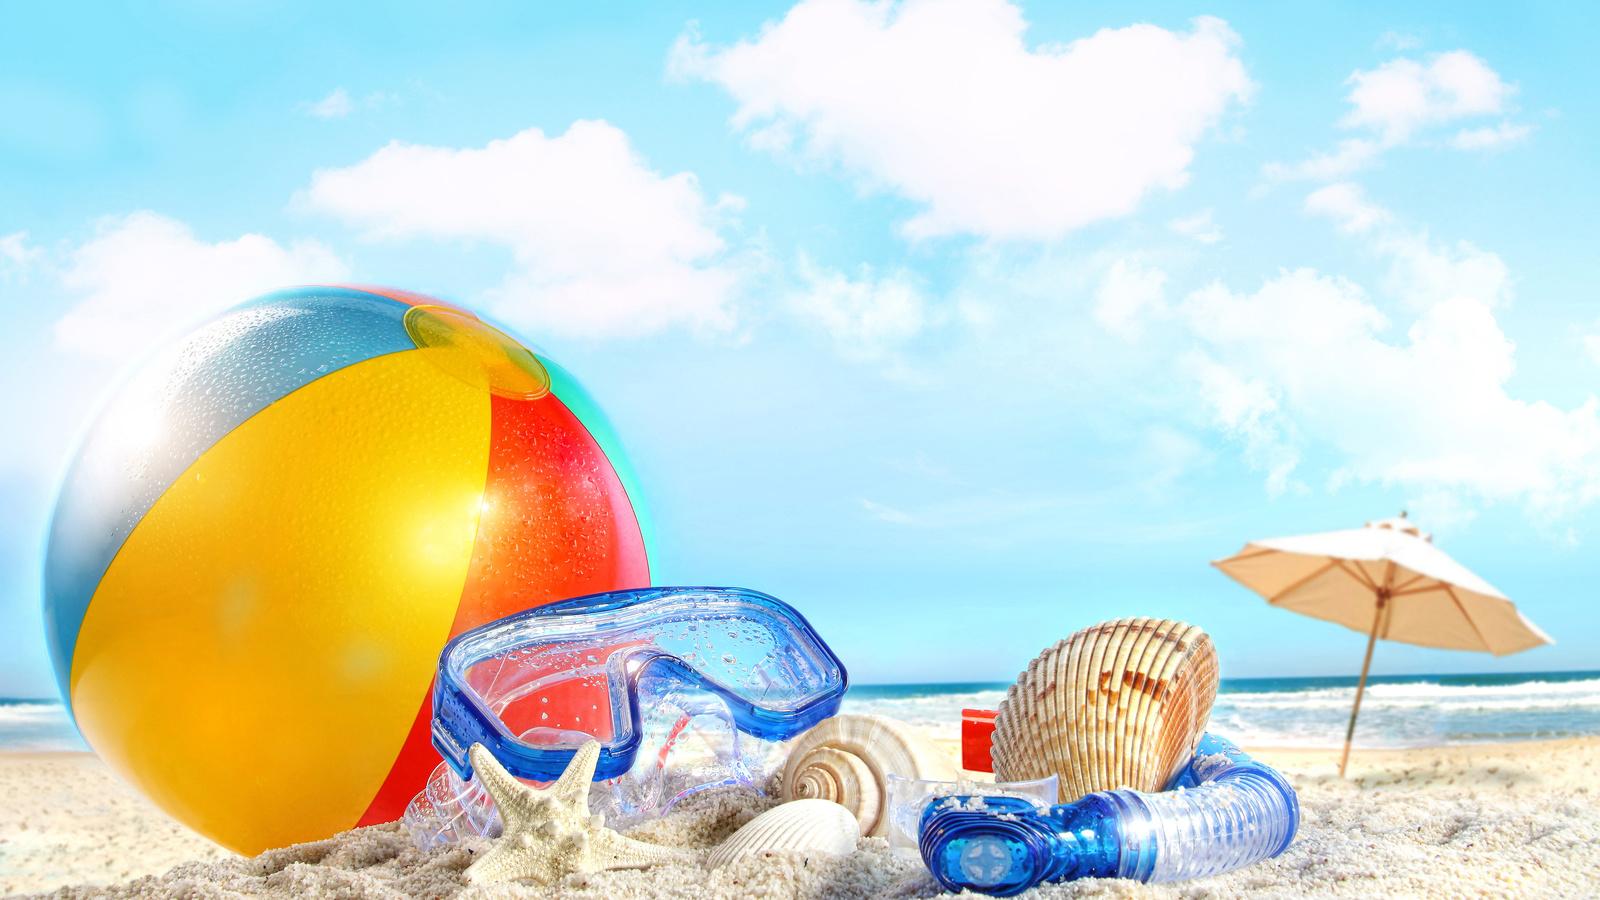 пляжная тема картинки